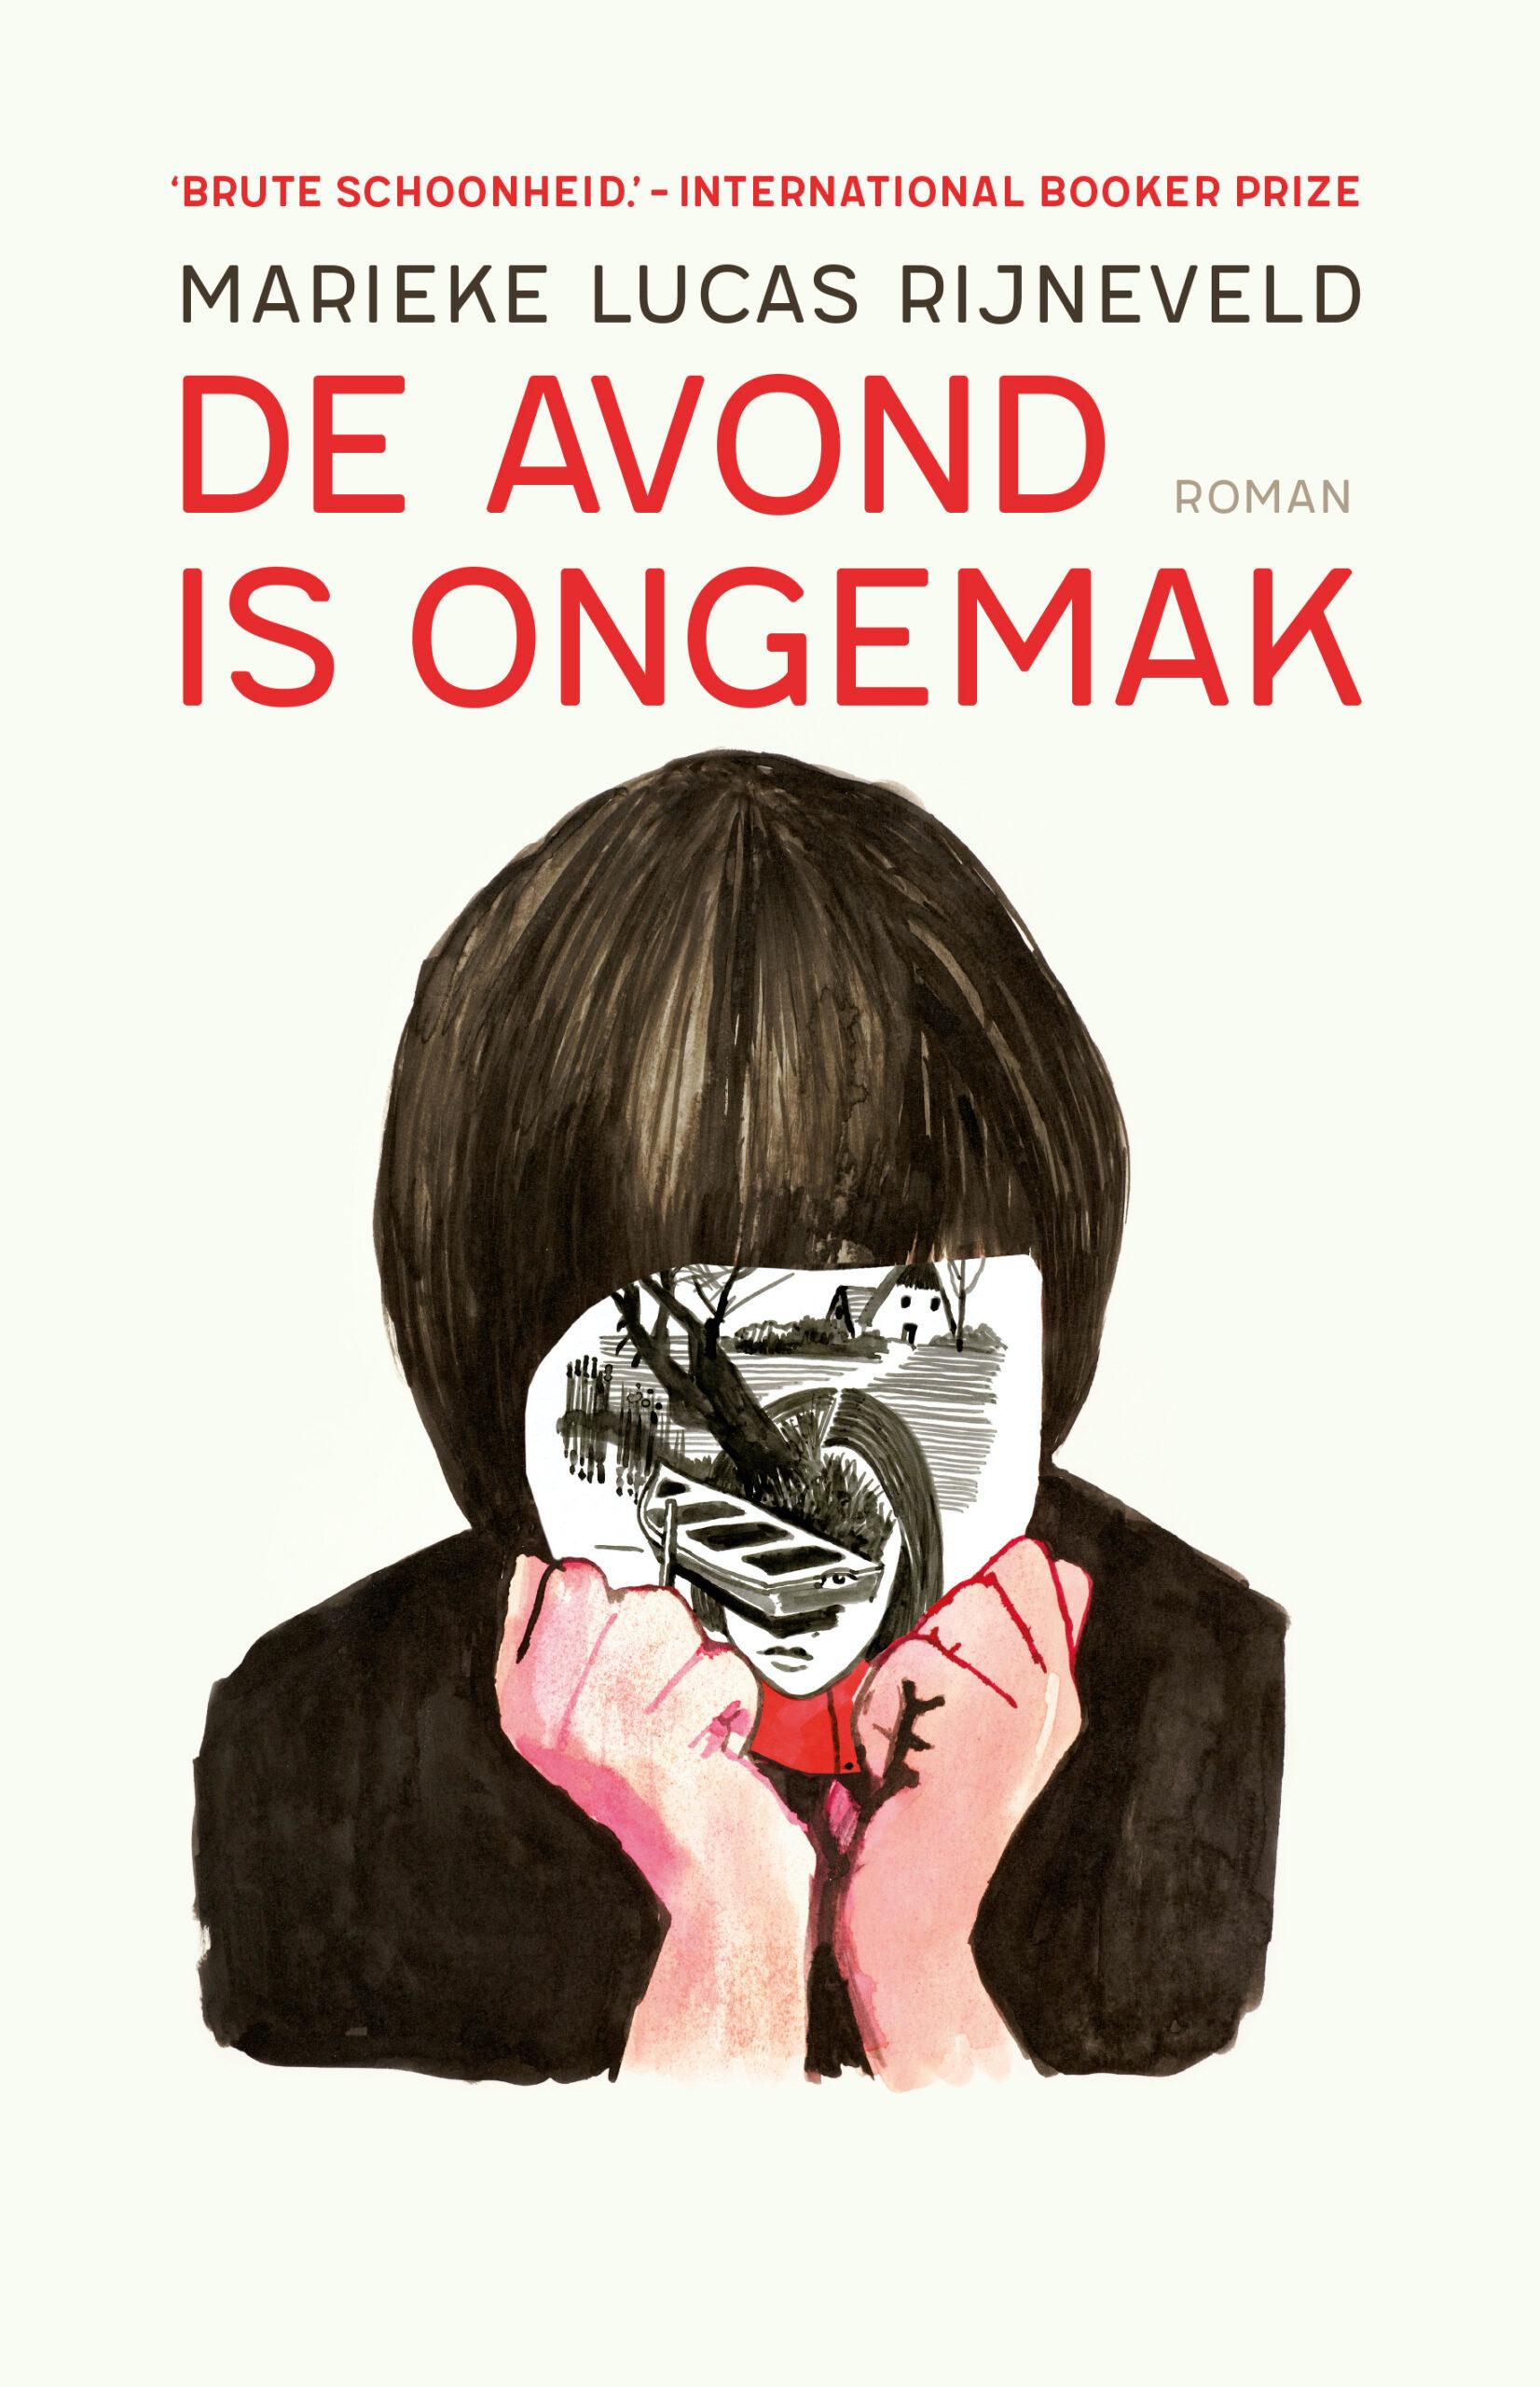 De avond is ongemak - boekenflits.nl